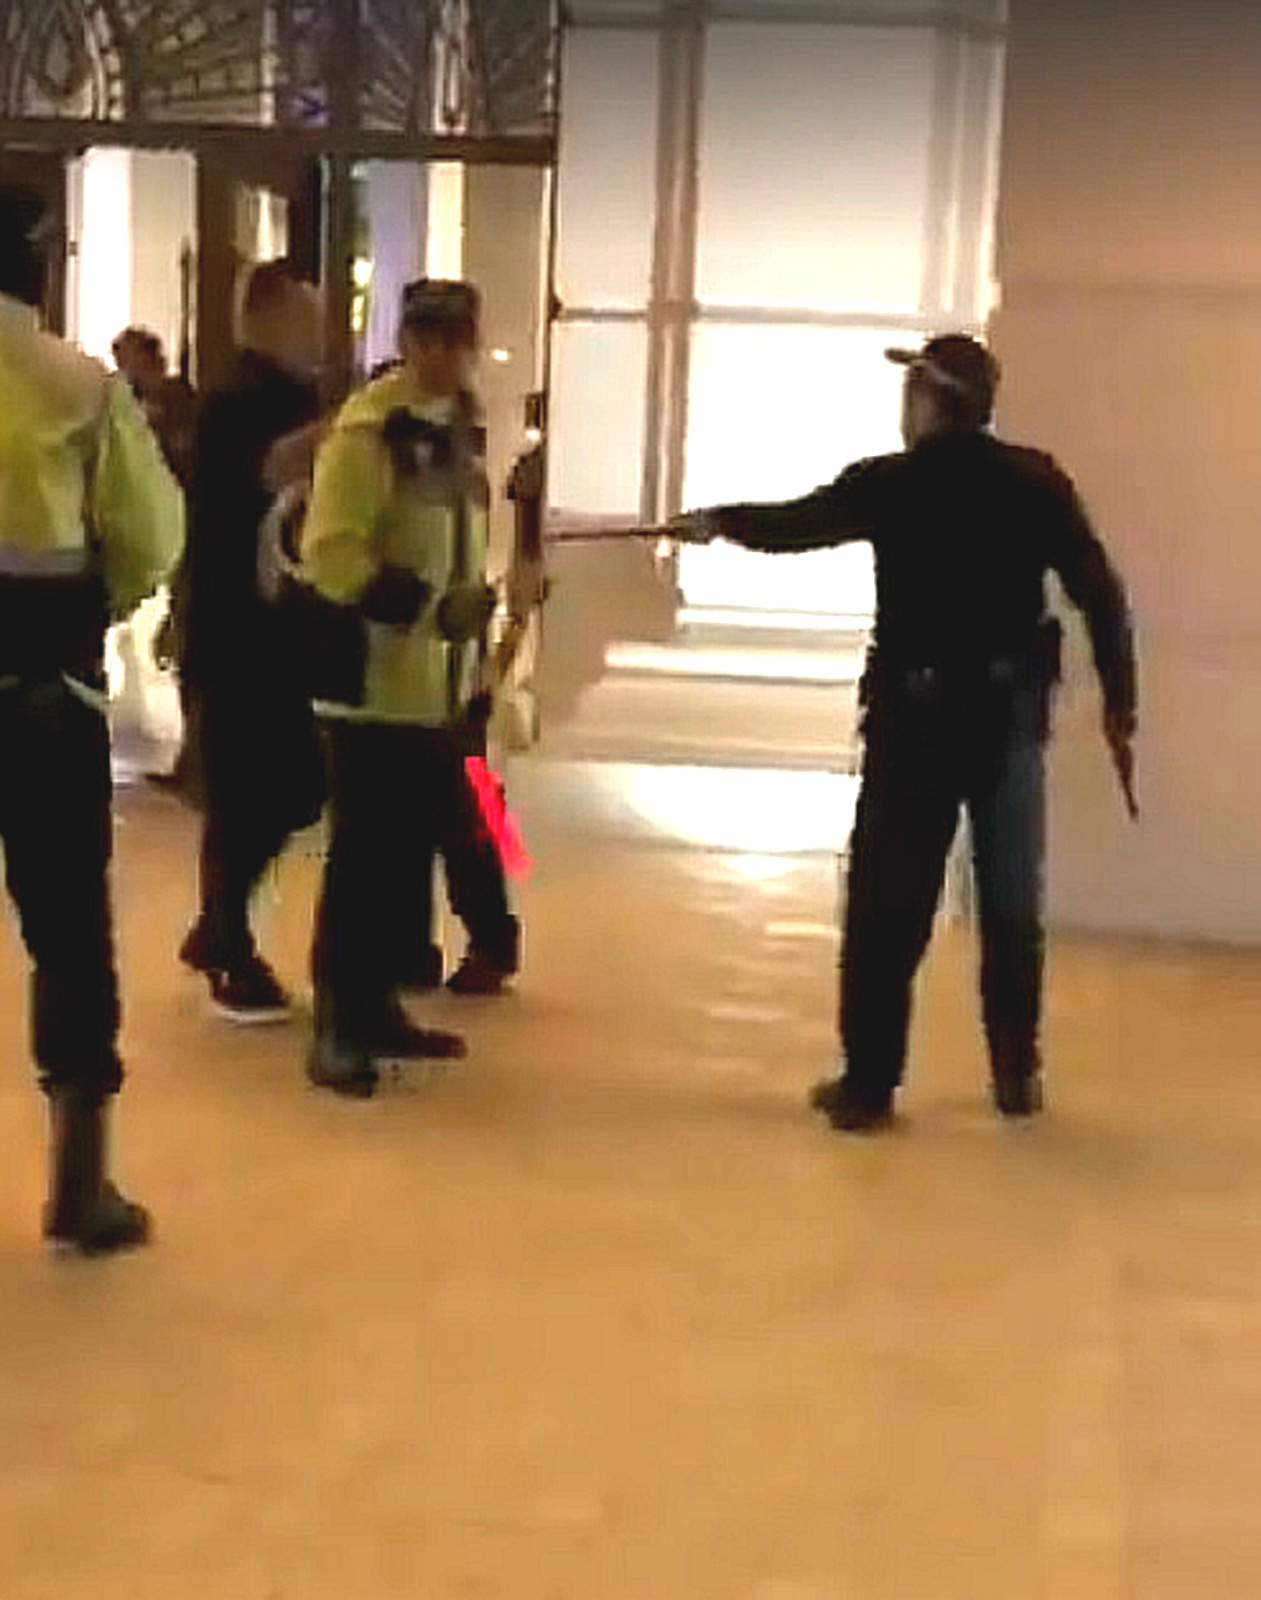 澳門有警員勸阻内地吸煙遊客受襲鳴槍。網上圖片